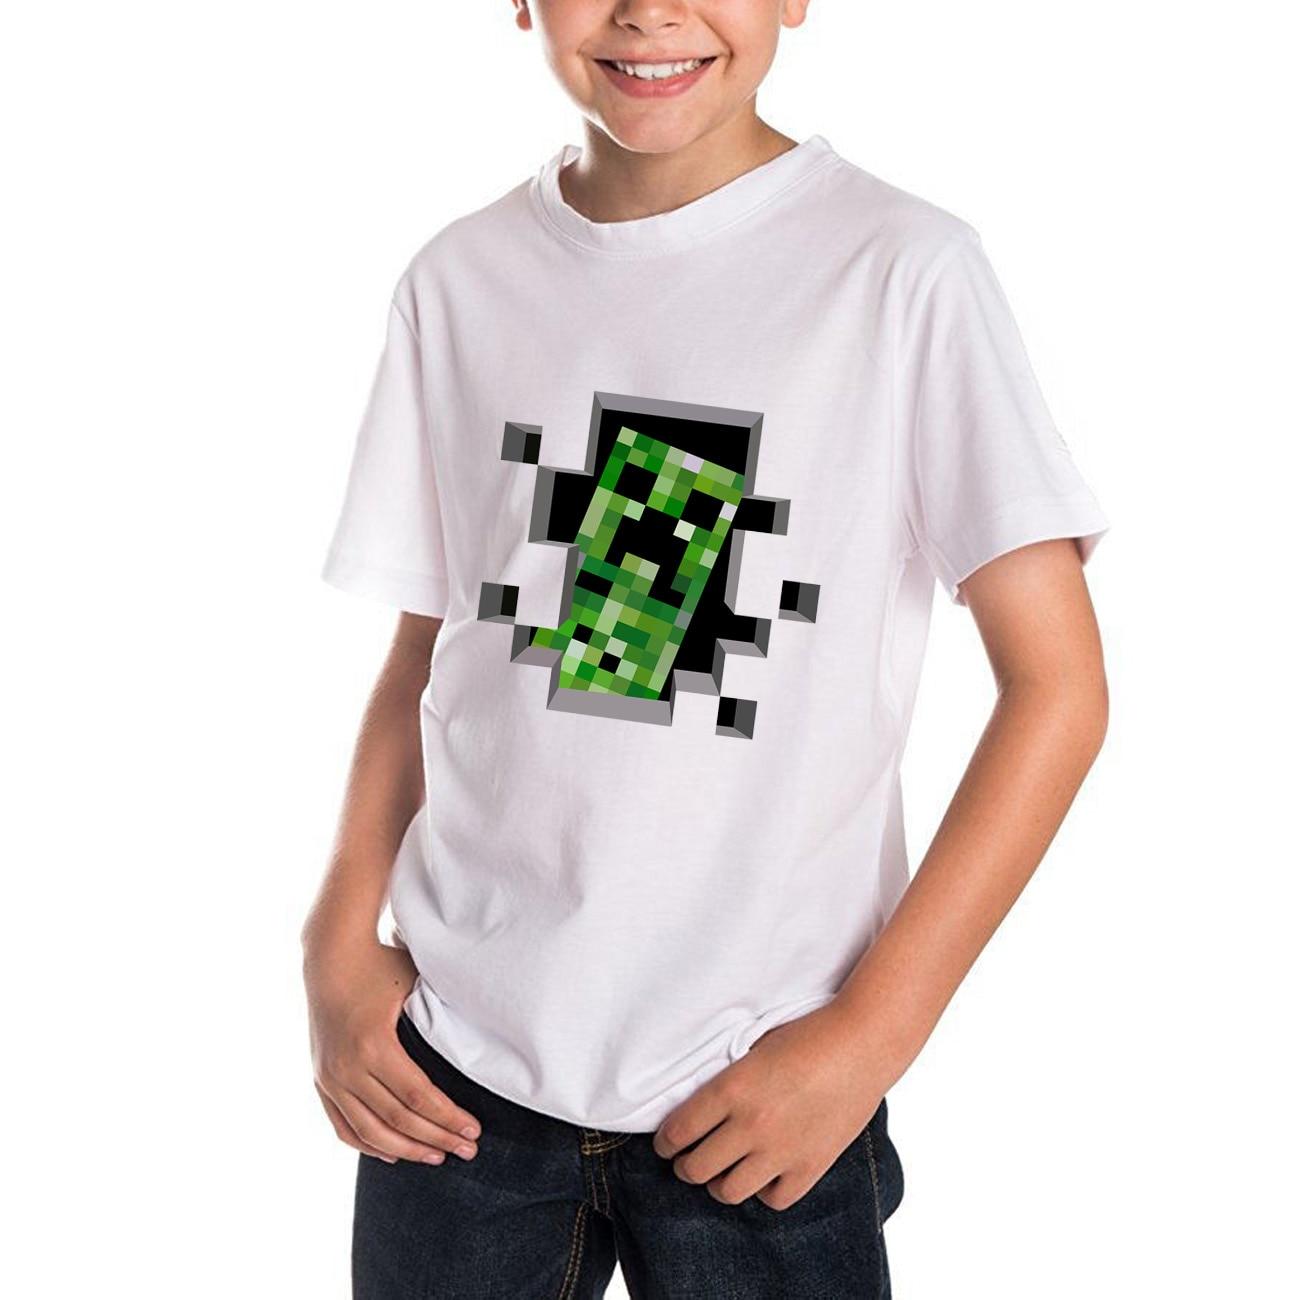 Детские футболки для мальчиков 2018 летняя хлопковая футболка с короткими рукавами для девочек Милая модная спортивная toptics для девочек детс...